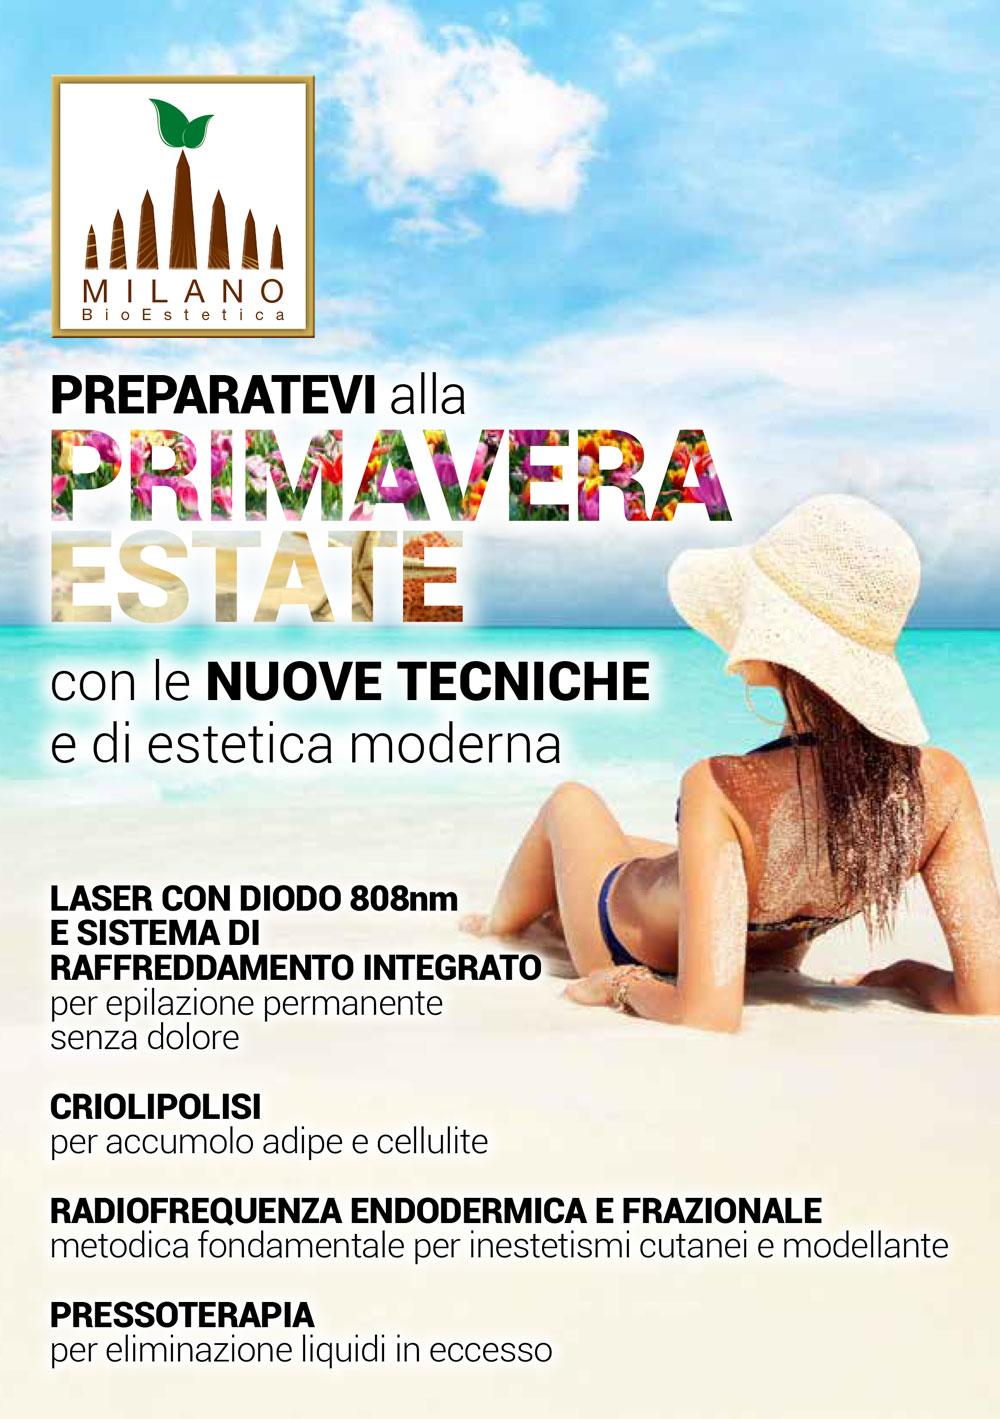 Promozioni Milano Bio Estetica Milano Bio Estetica